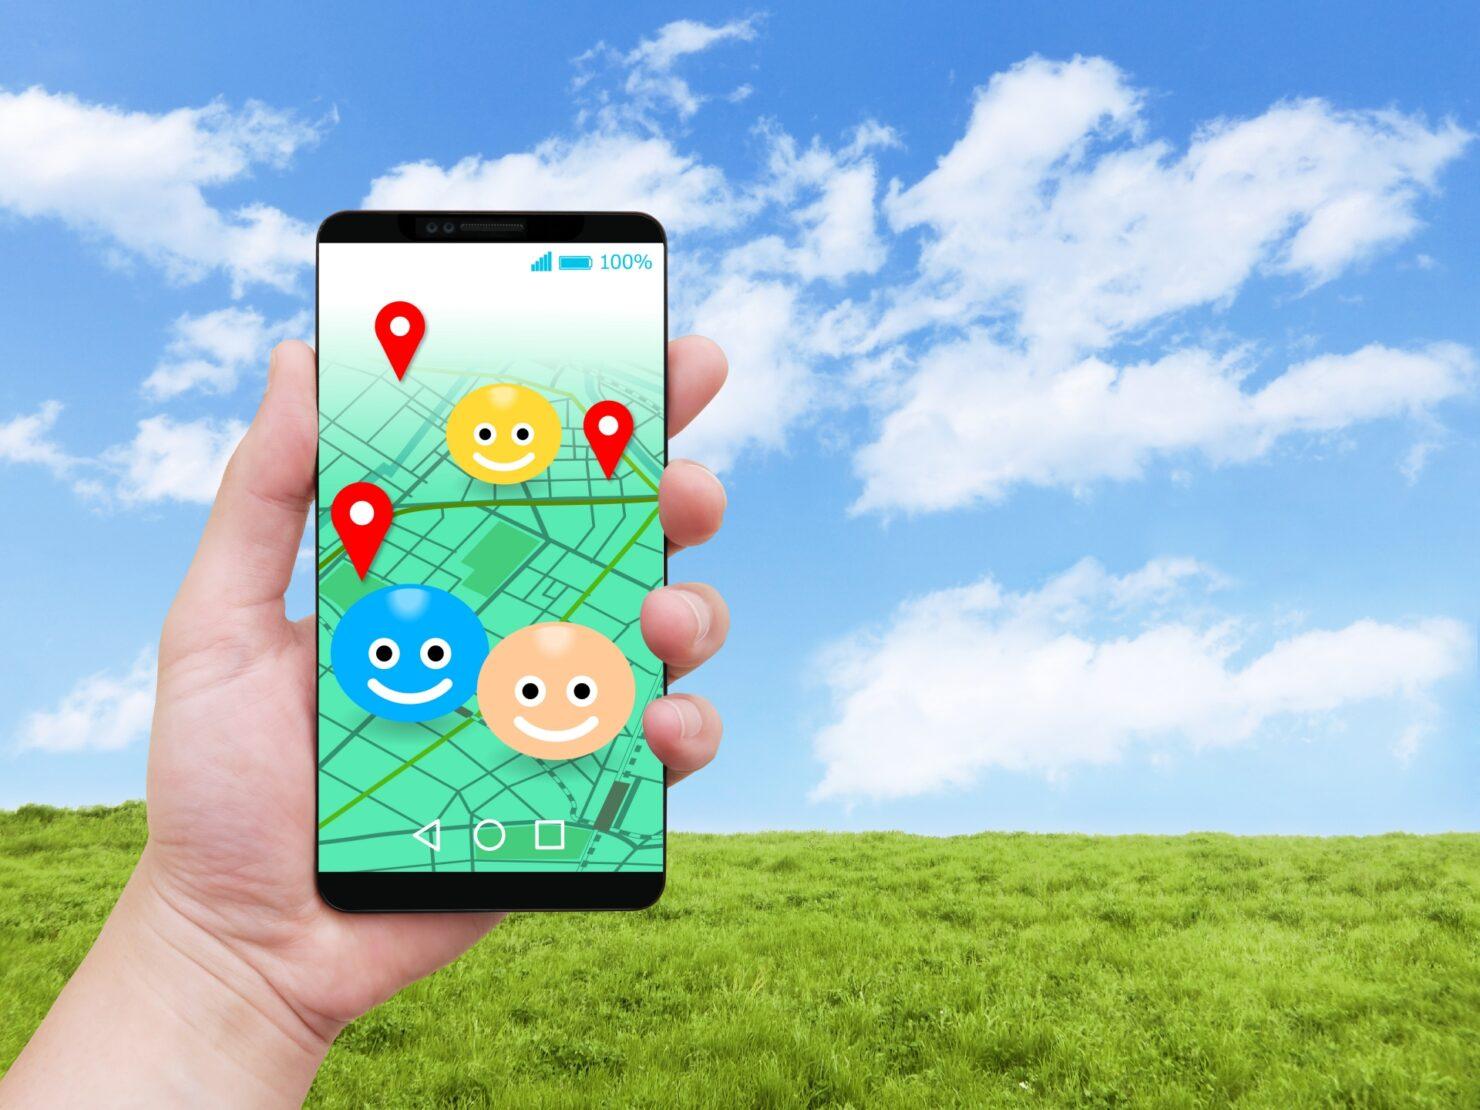 子供用GPSは必要? スマホで代用できる? おすすめの見守りアプリは? 防犯対策用のGPSの種類と選び方!